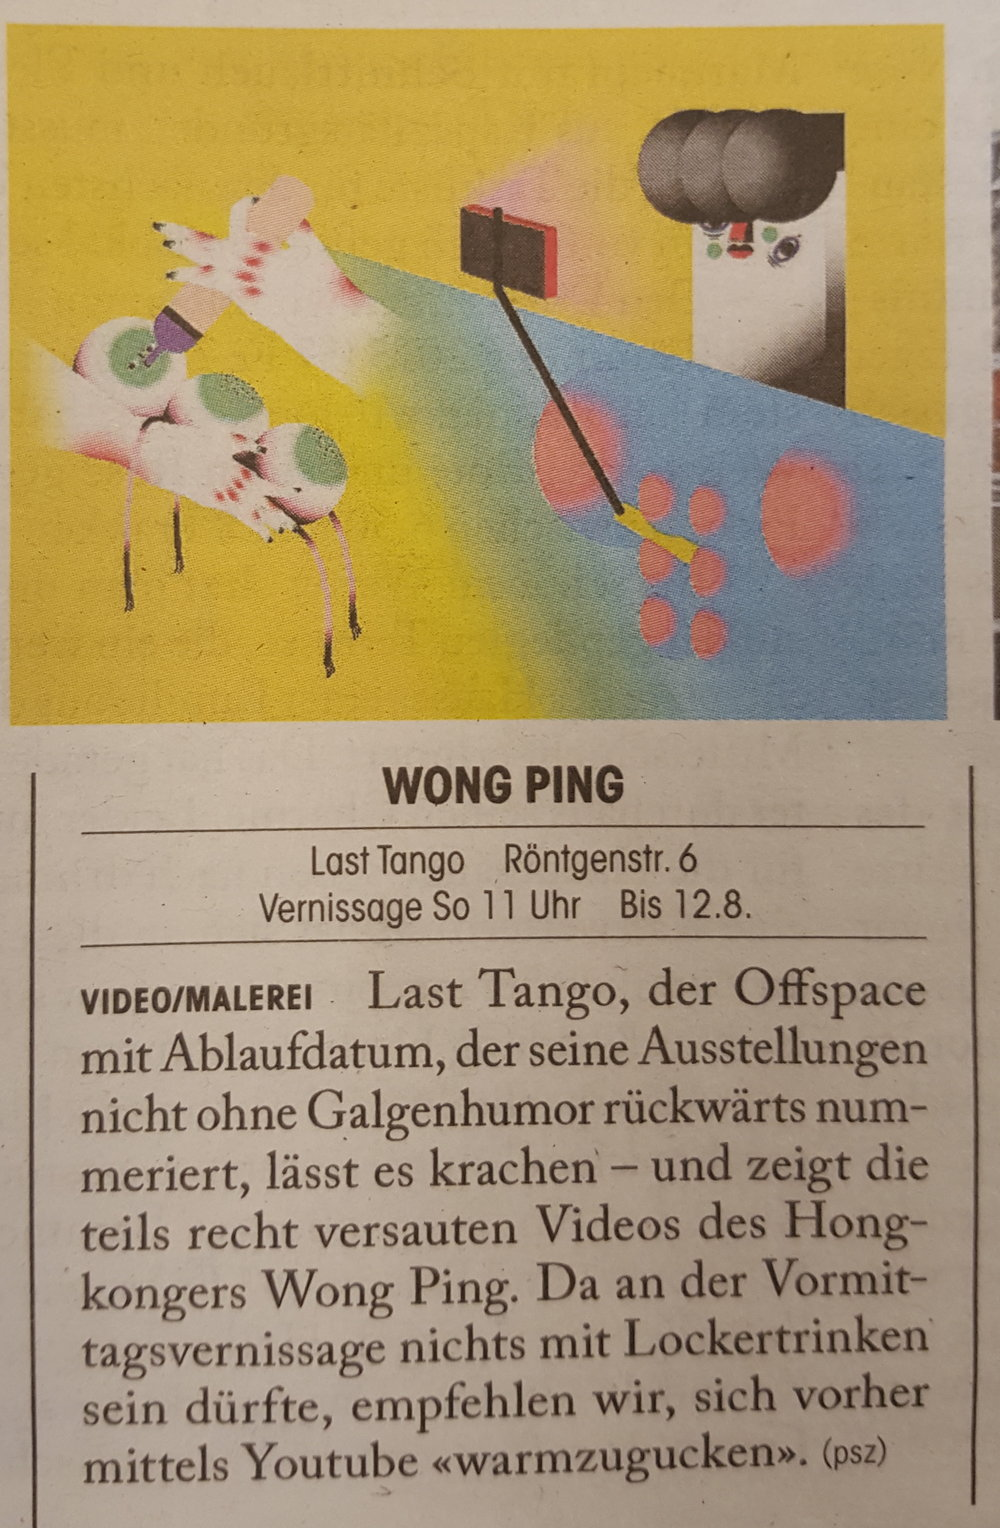 Tages Anzeiger, Züritipp,14/06/17 by Paulina Szczesniak -